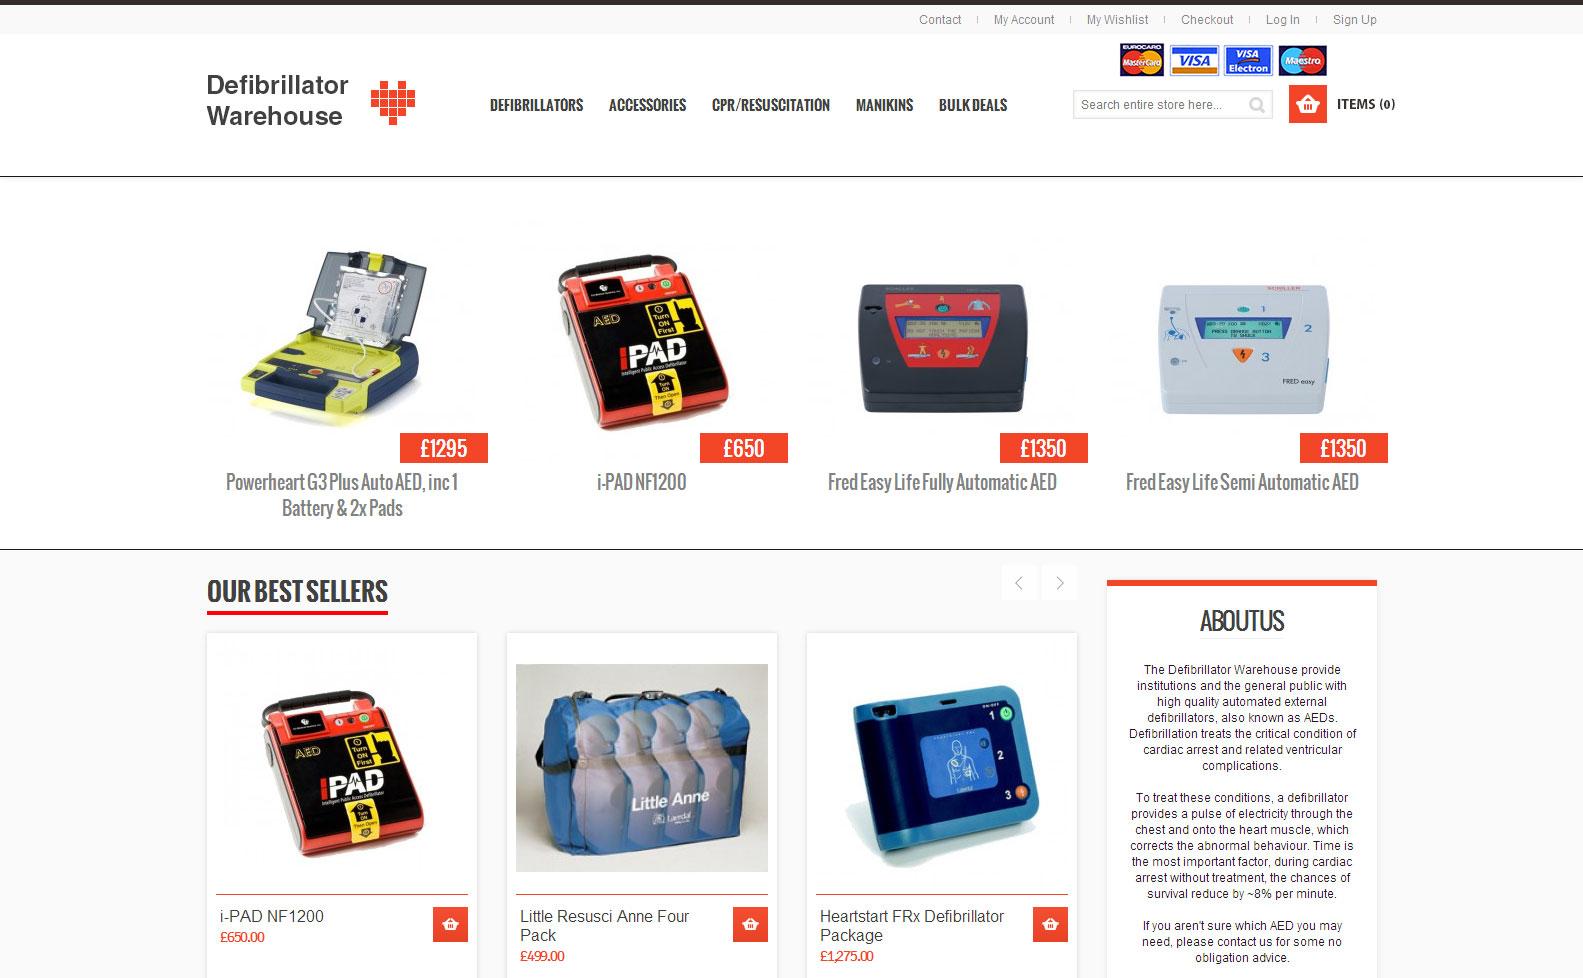 defibrillator-warehouse